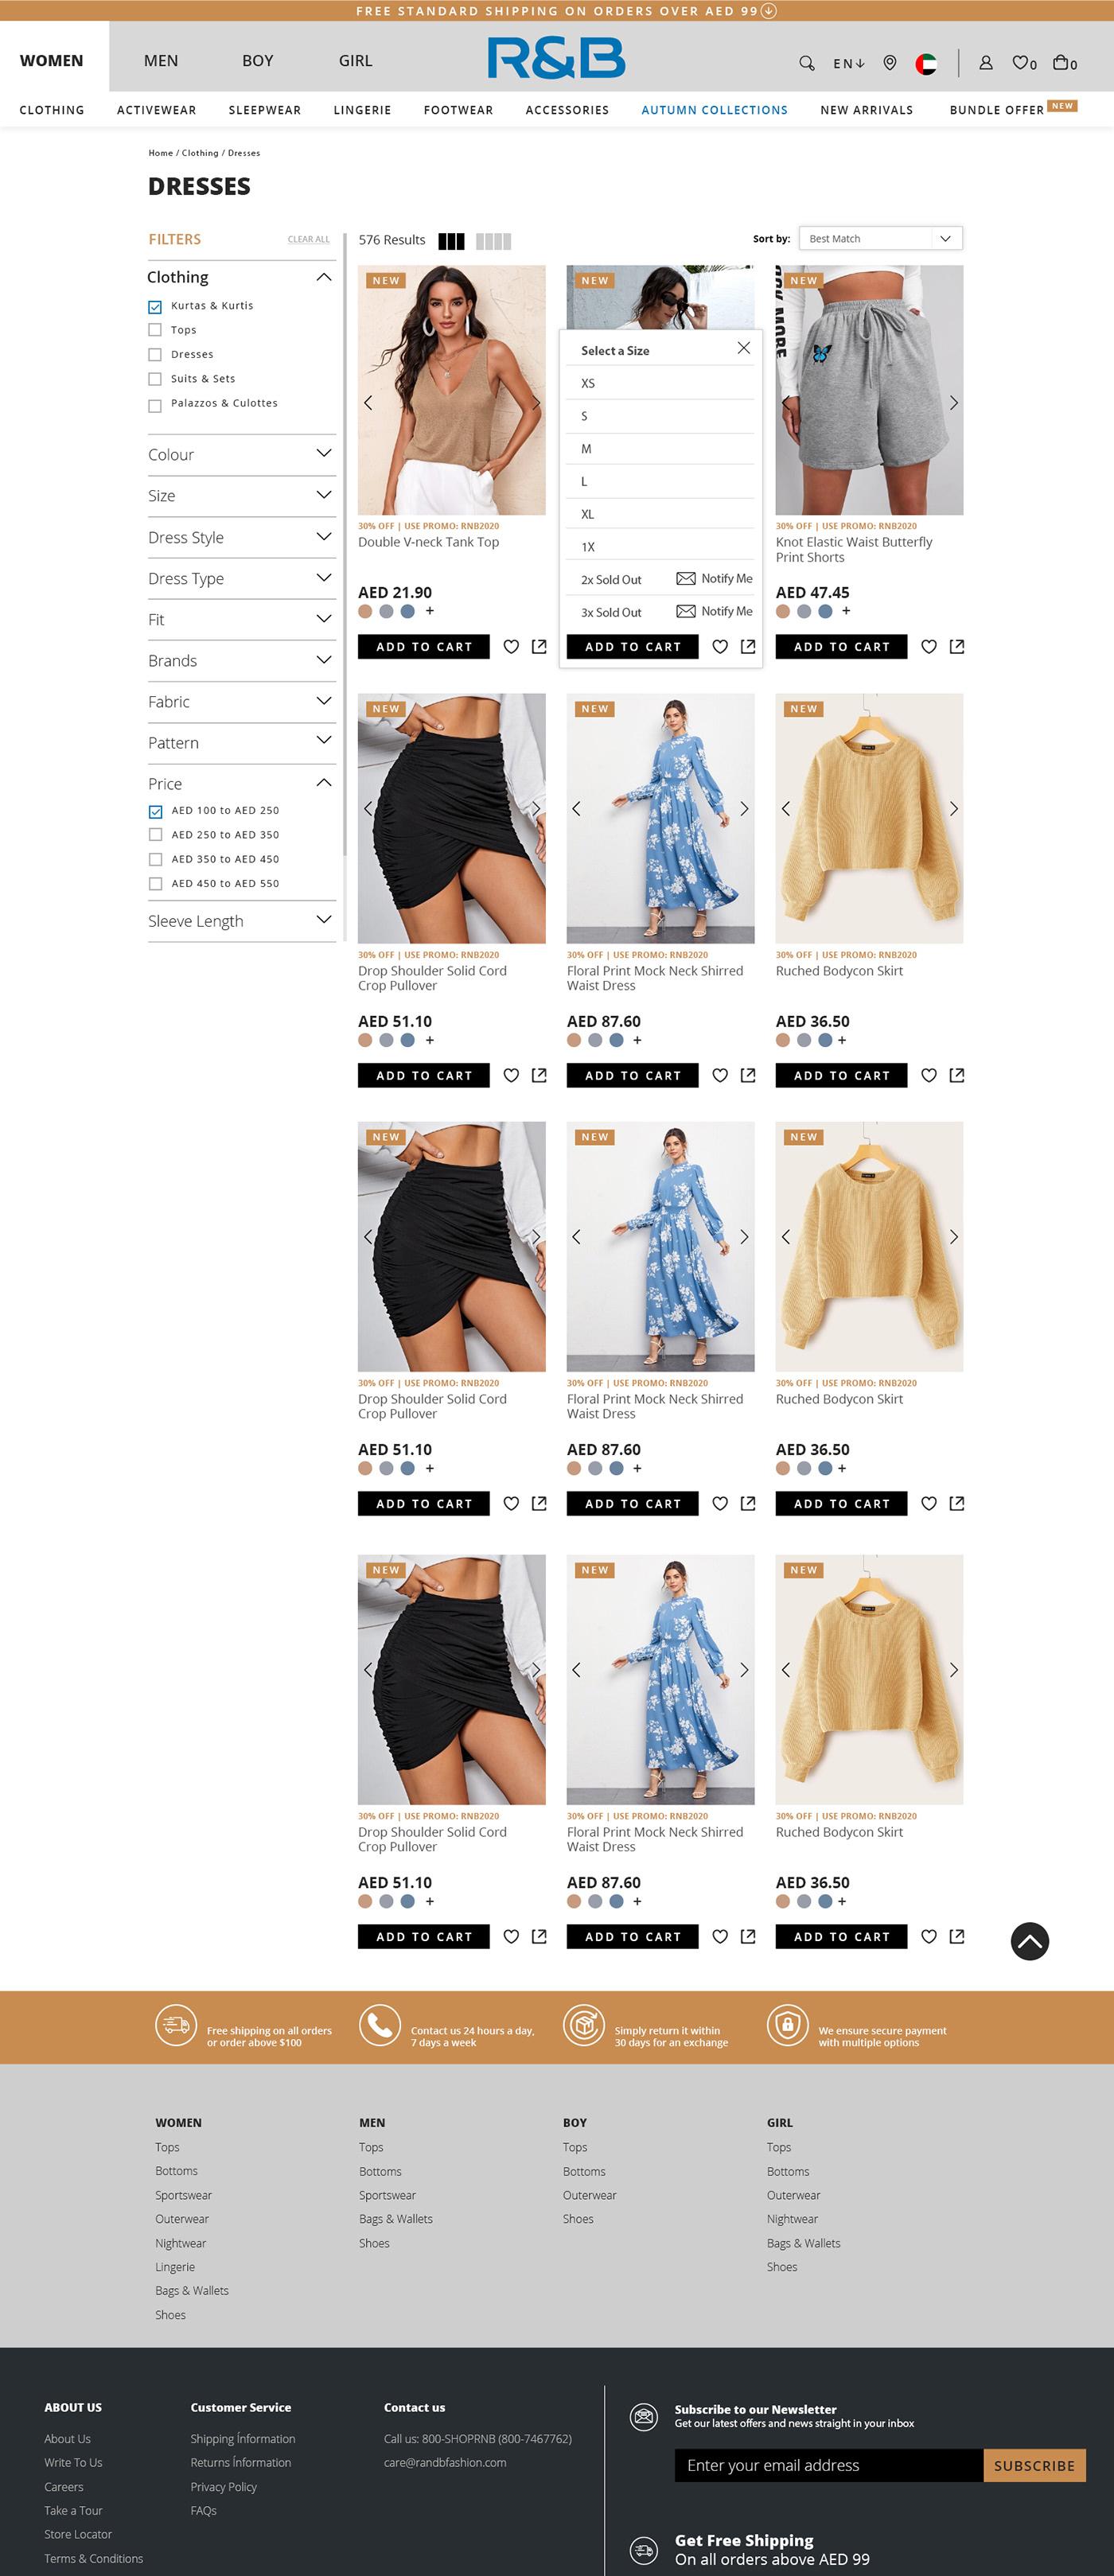 Image may contain: screenshot, abstract and clothing